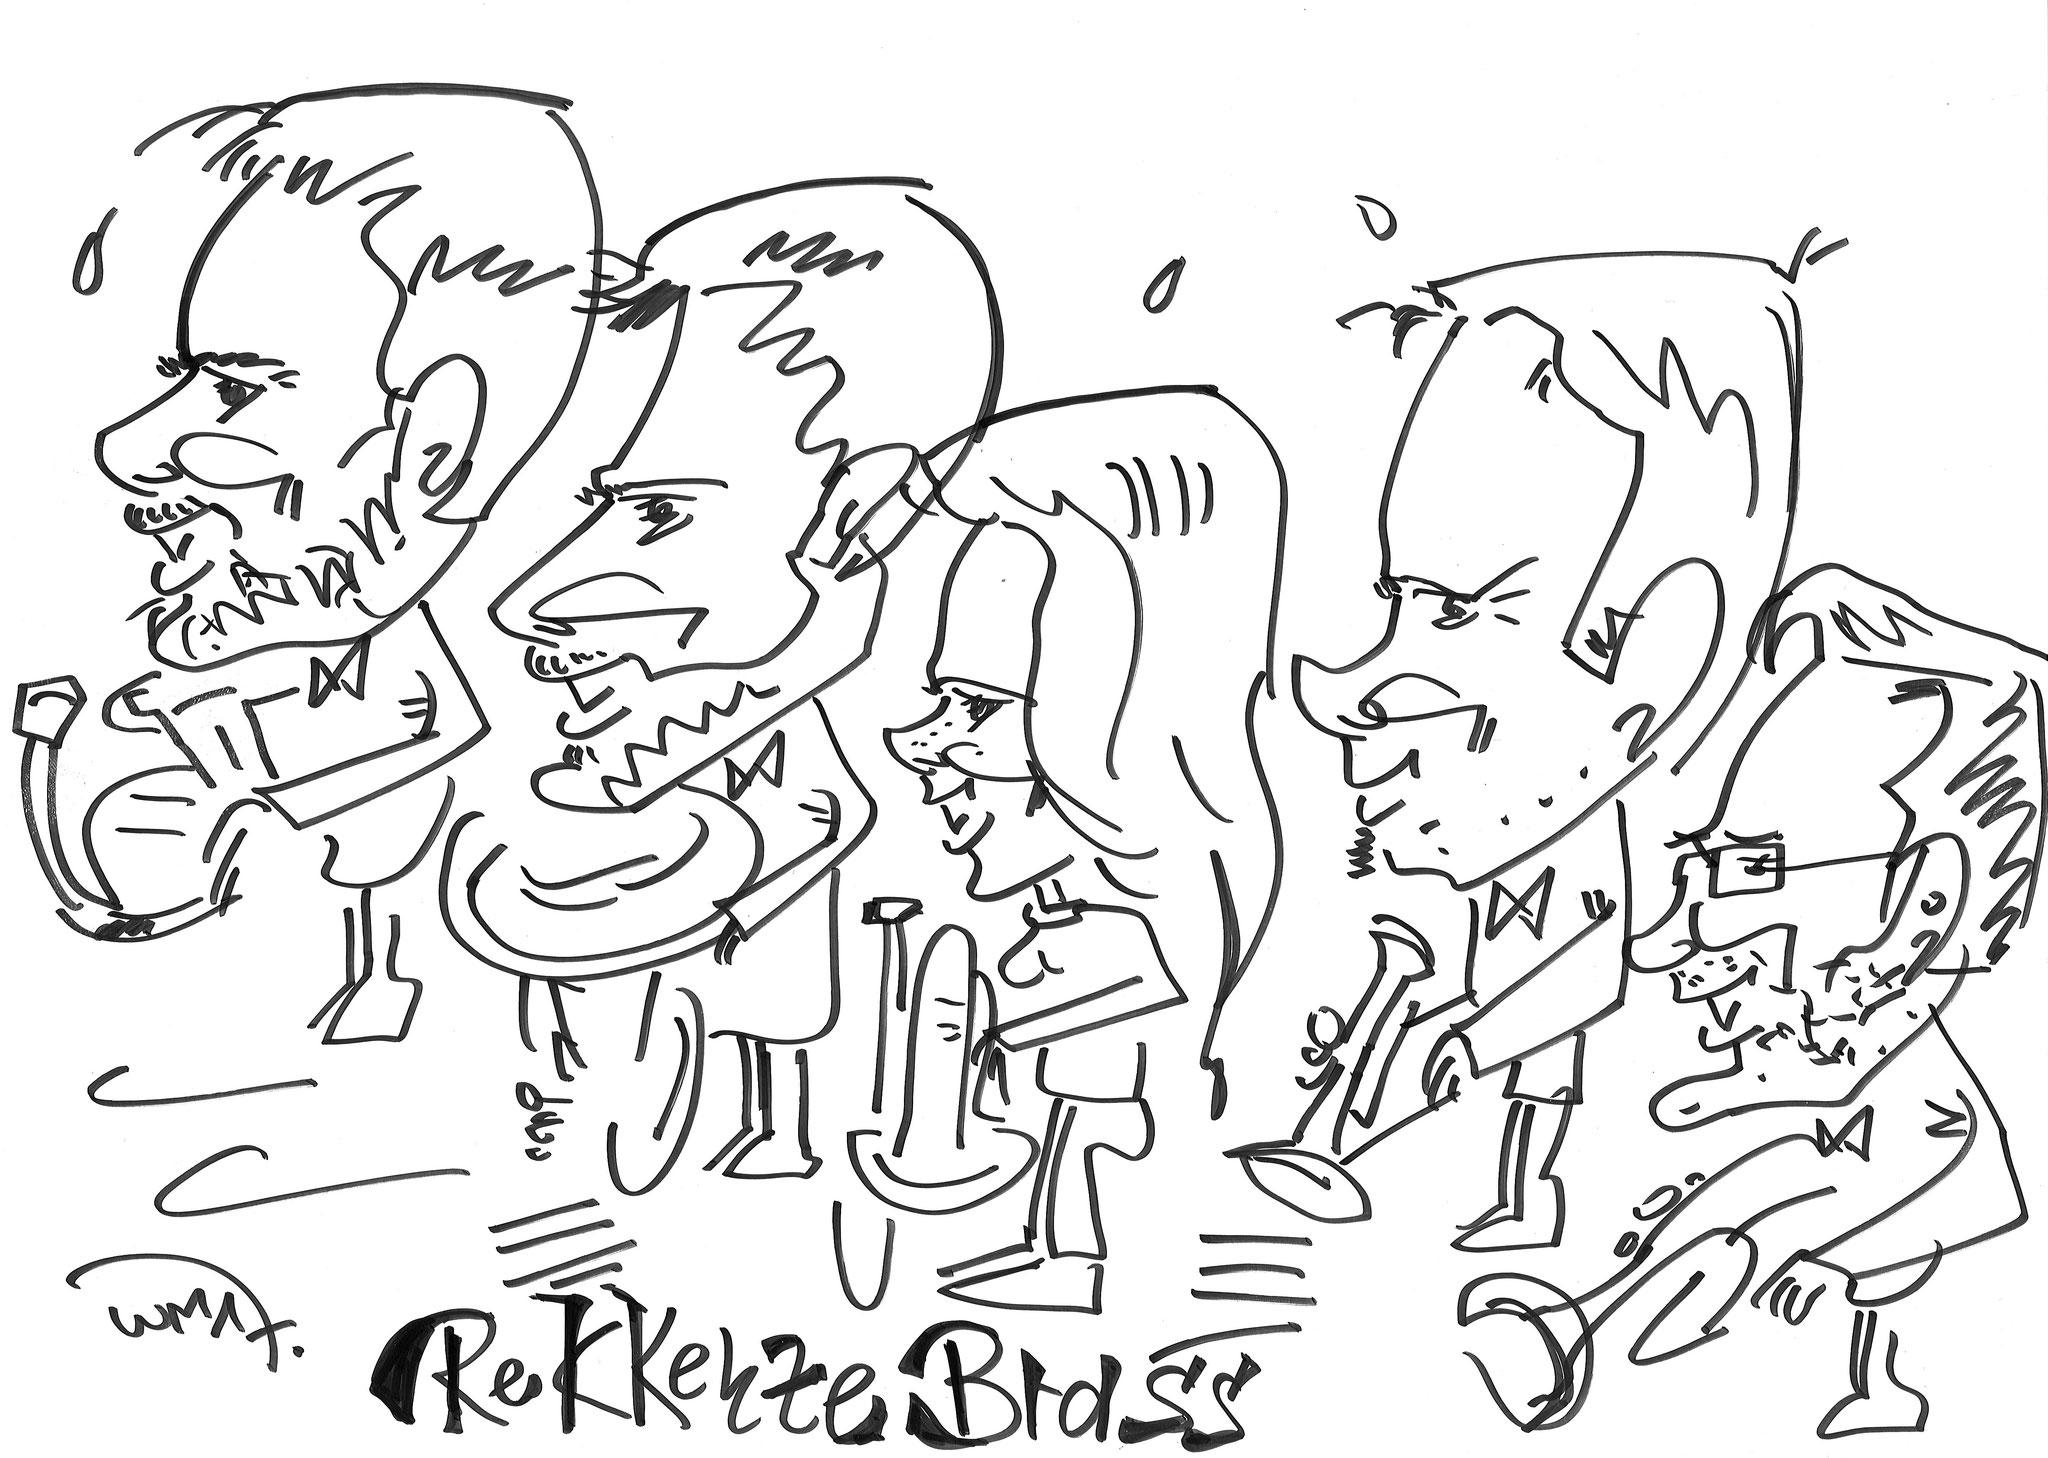 Karikatur REKKENZE BRASS